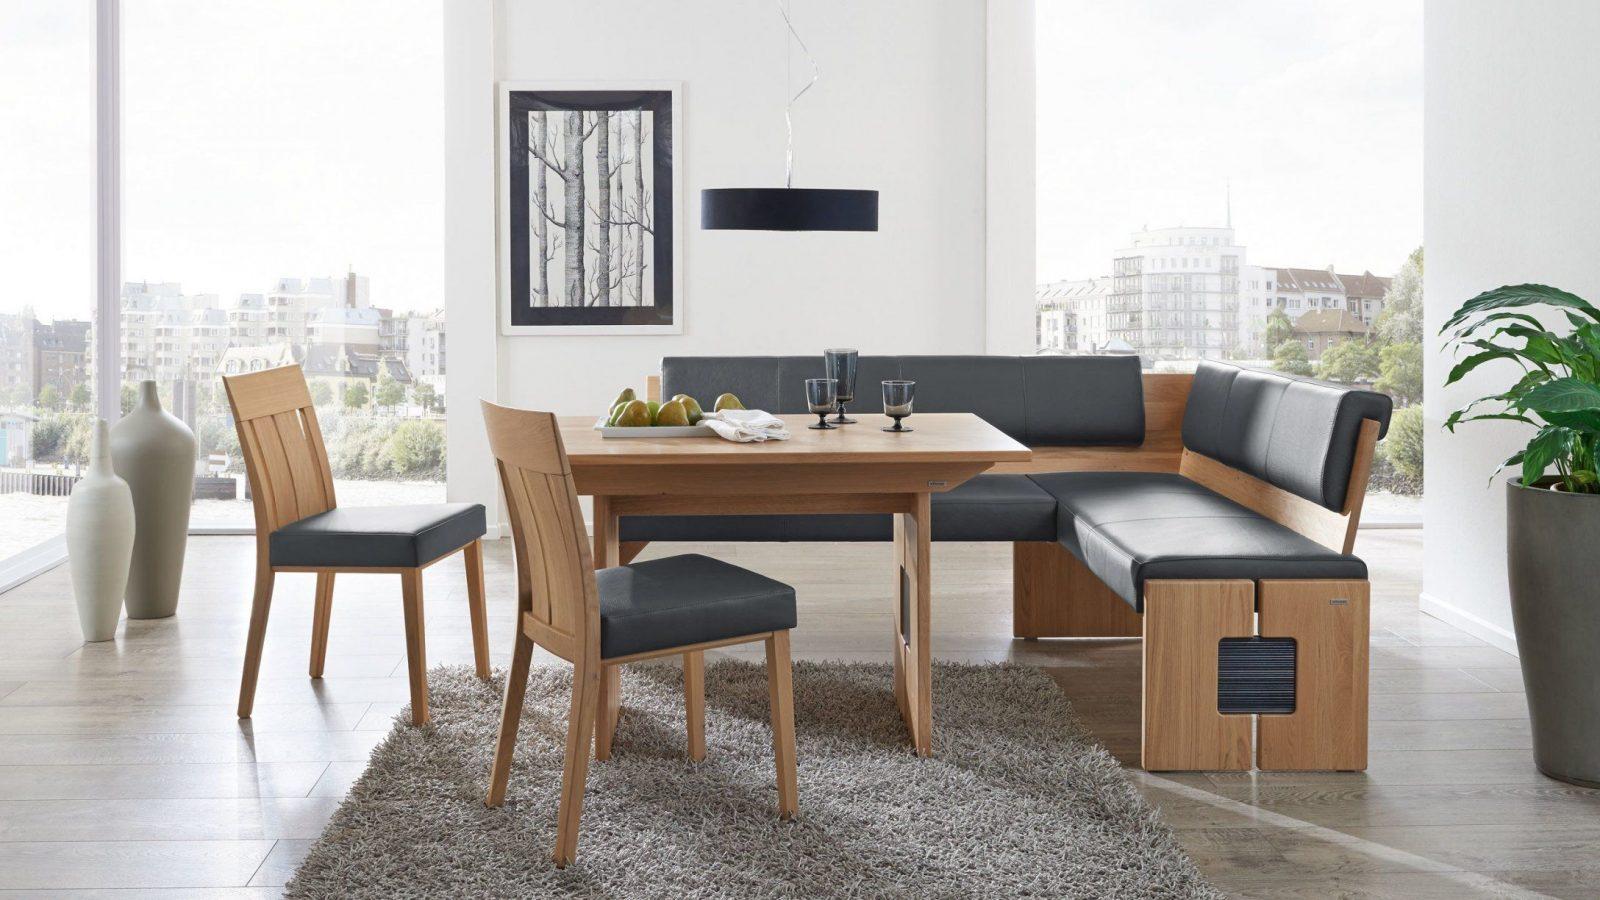 Sitzecke Kunstleder Erstaunlich Eckbank Fr Runden Tisch Essecke von Eckbank Für Runden Tisch Bild